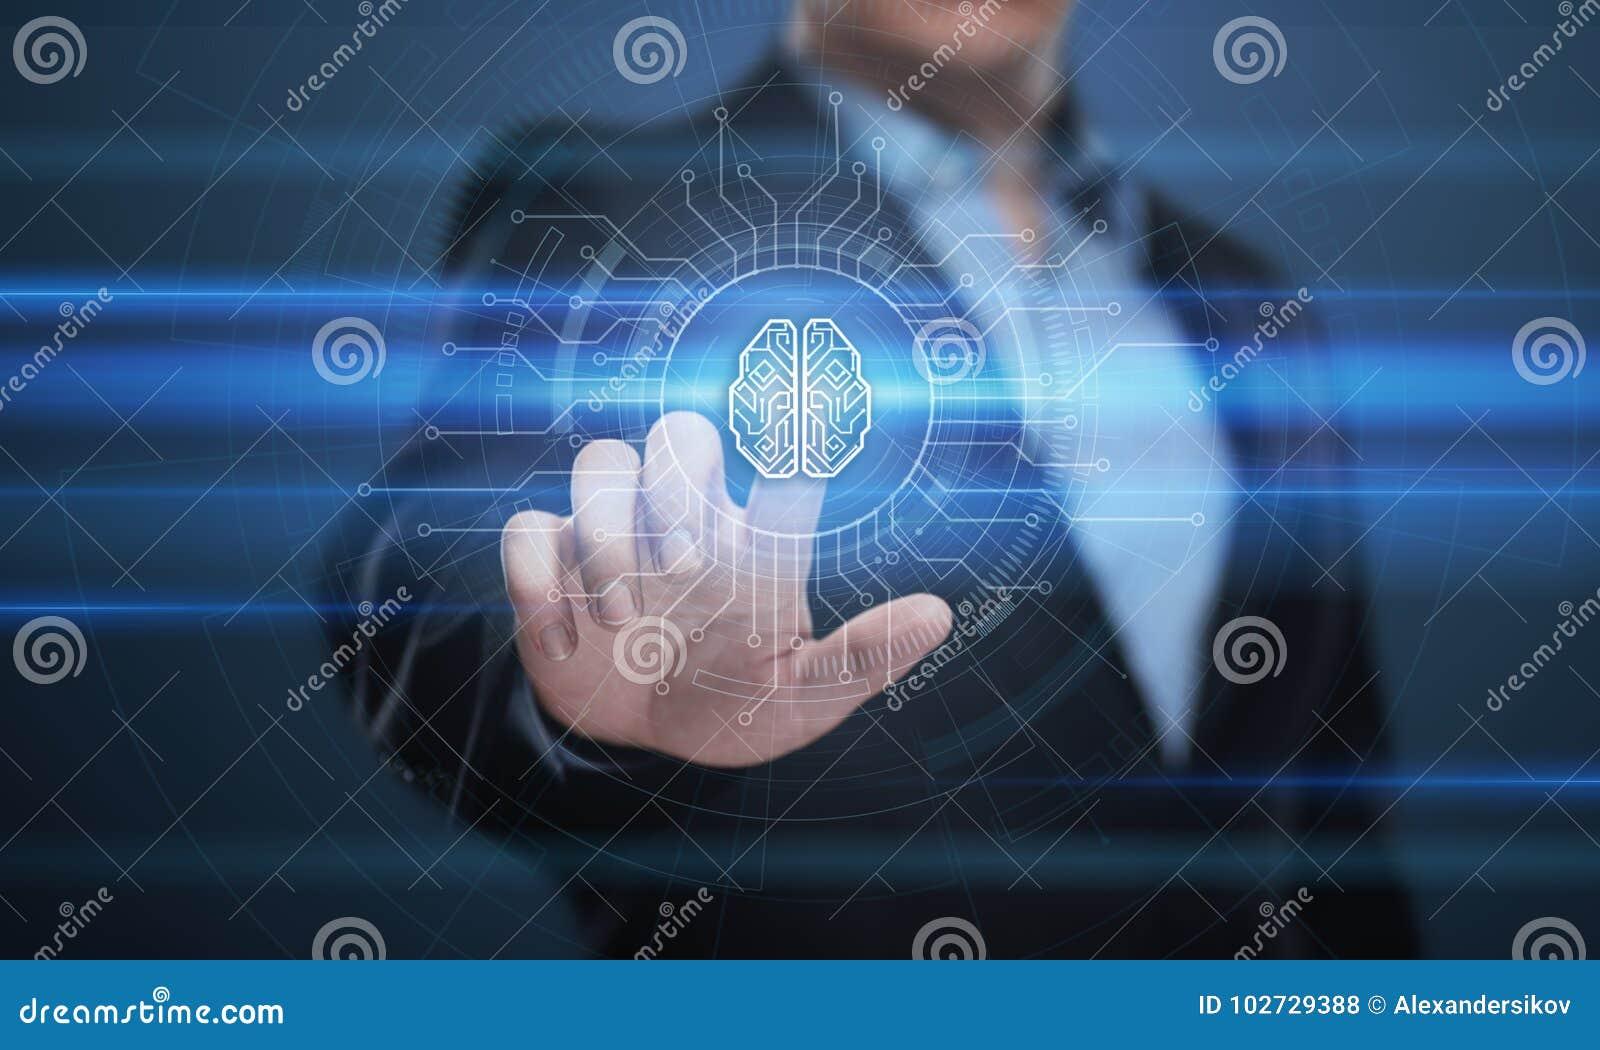 Begrepp för nätverk för internet för teknologi för affär för lära för maskin för Digital Brain Artificial intelligensAI